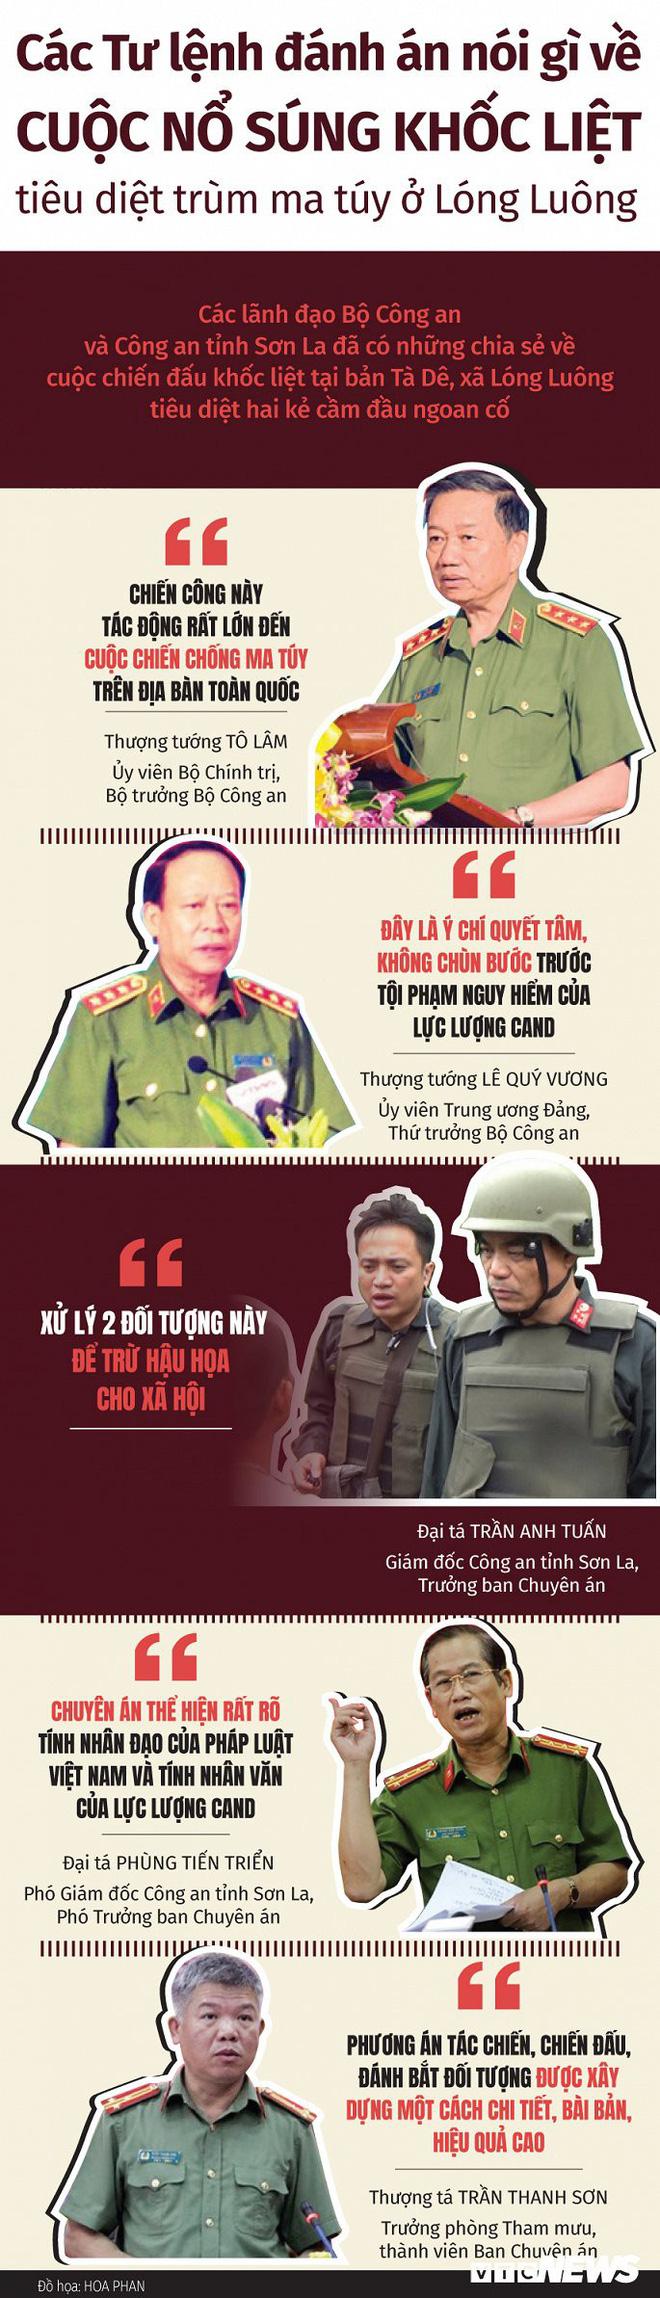 Nổ súng tiêu diệt trùm ma túy ở Lóng Luông: Các tư lệnh đánh án nói gì? - Ảnh 1.